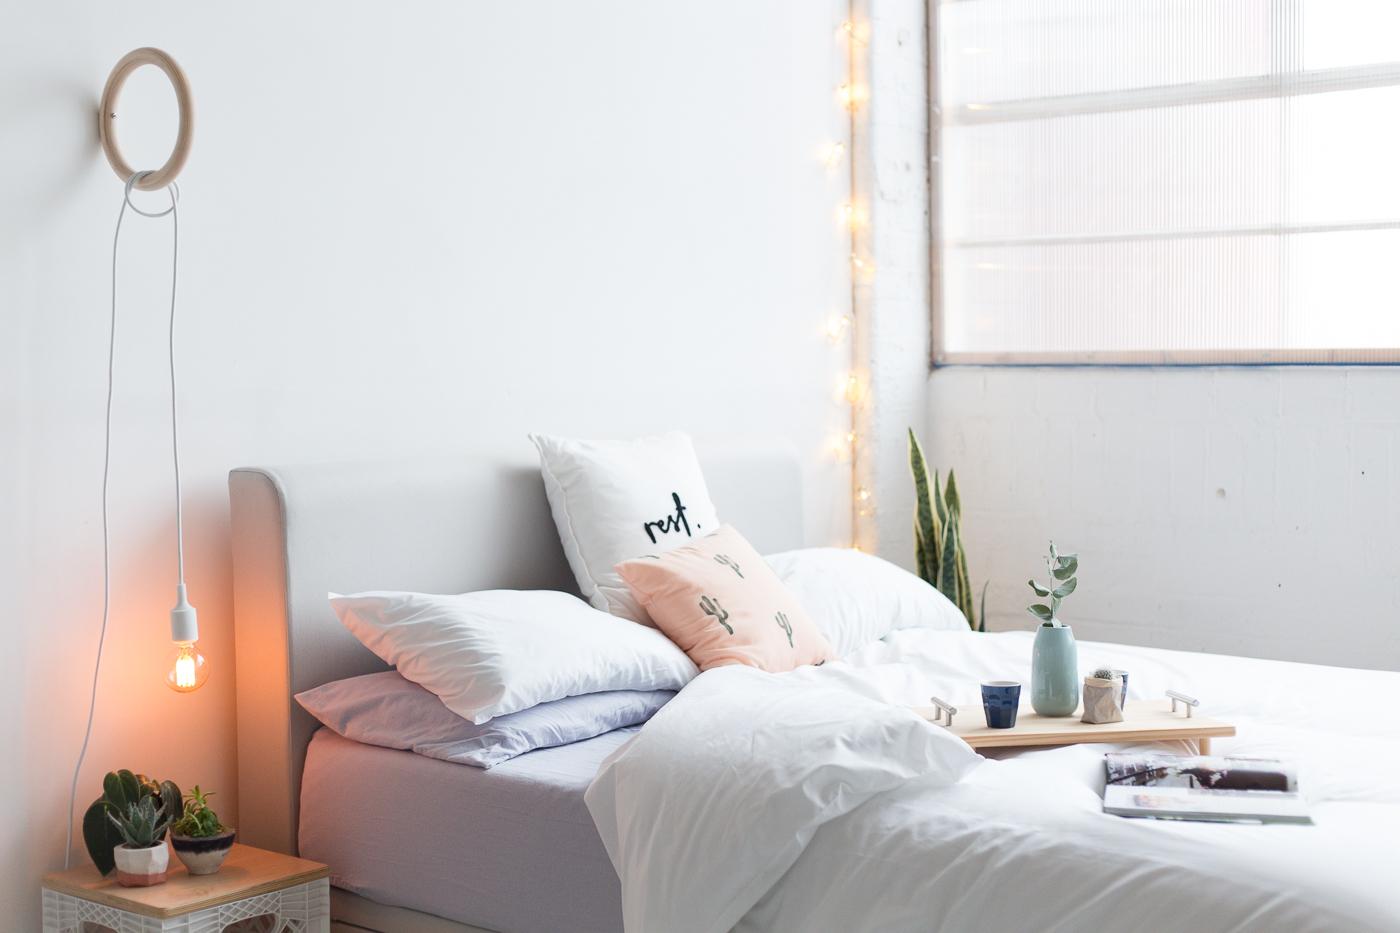 fabriquer lampe de chevet suspendu id es d coration. Black Bedroom Furniture Sets. Home Design Ideas